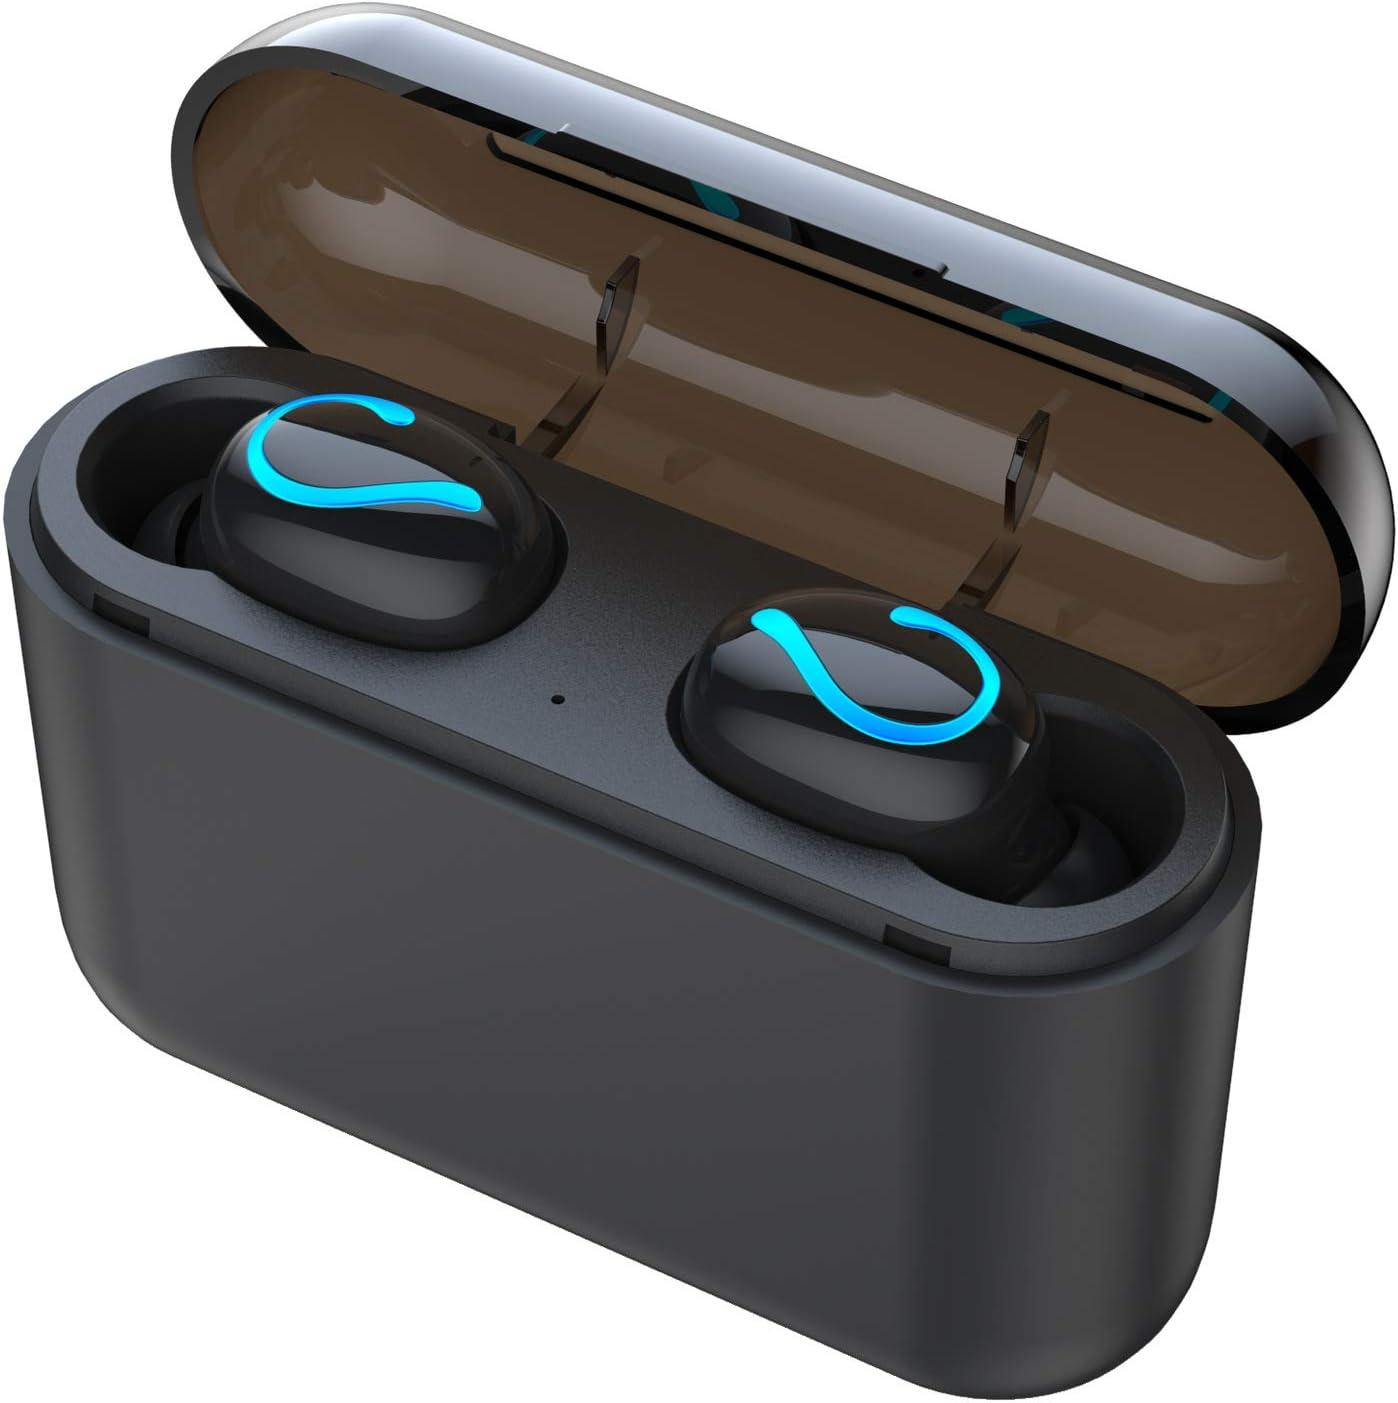 Auricular Bluetooth Hbq De Movimiento Estéreo Inalámbrico De Dos Orejas 2c De Potencia Móvil TWS Negro 5.0